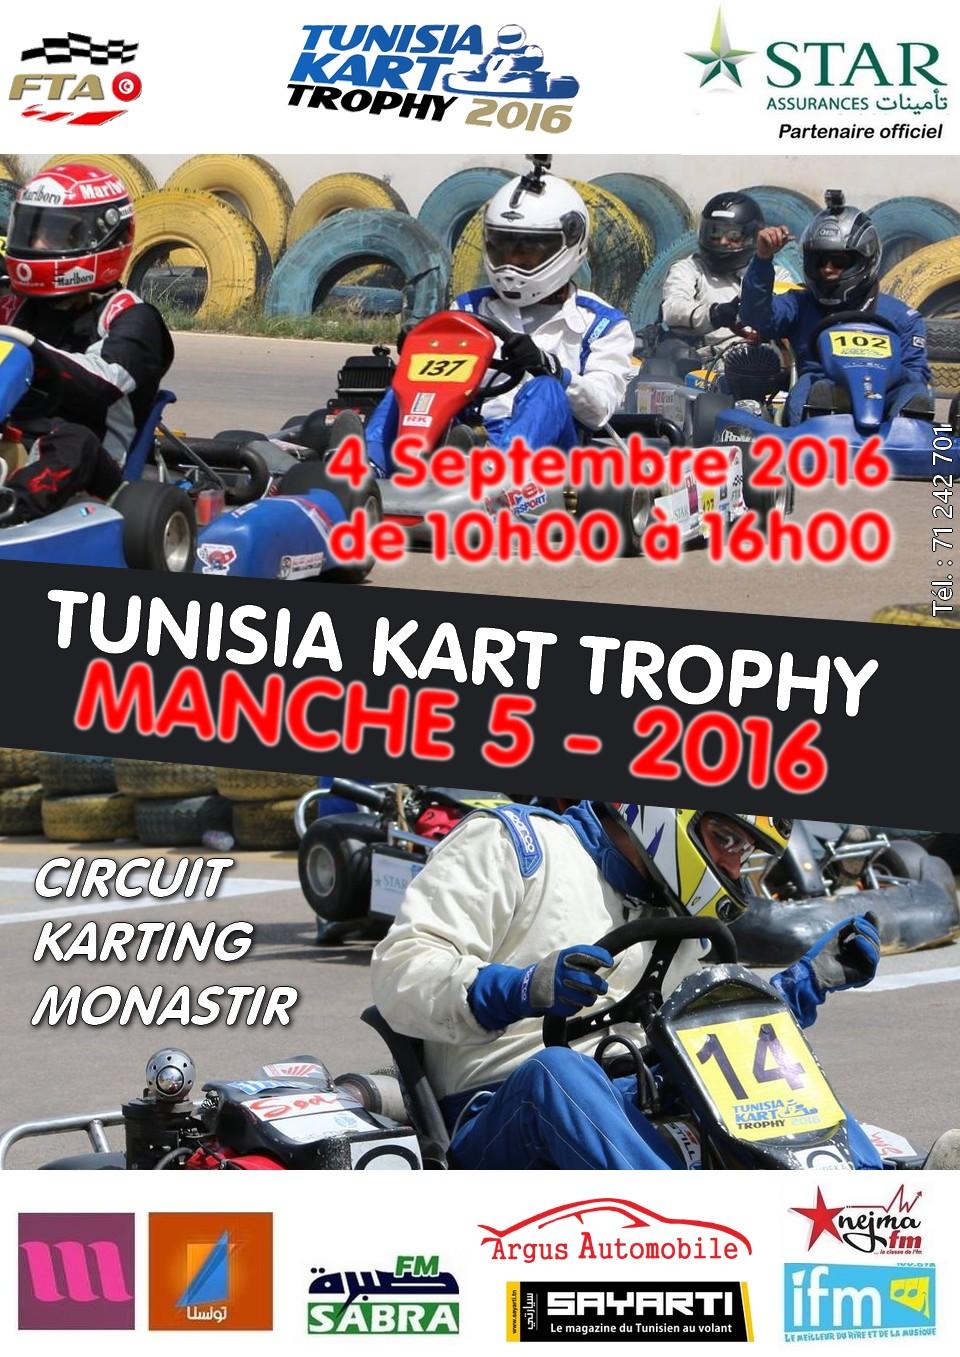 5ème manche de Tunisia Kart Trophy 2016